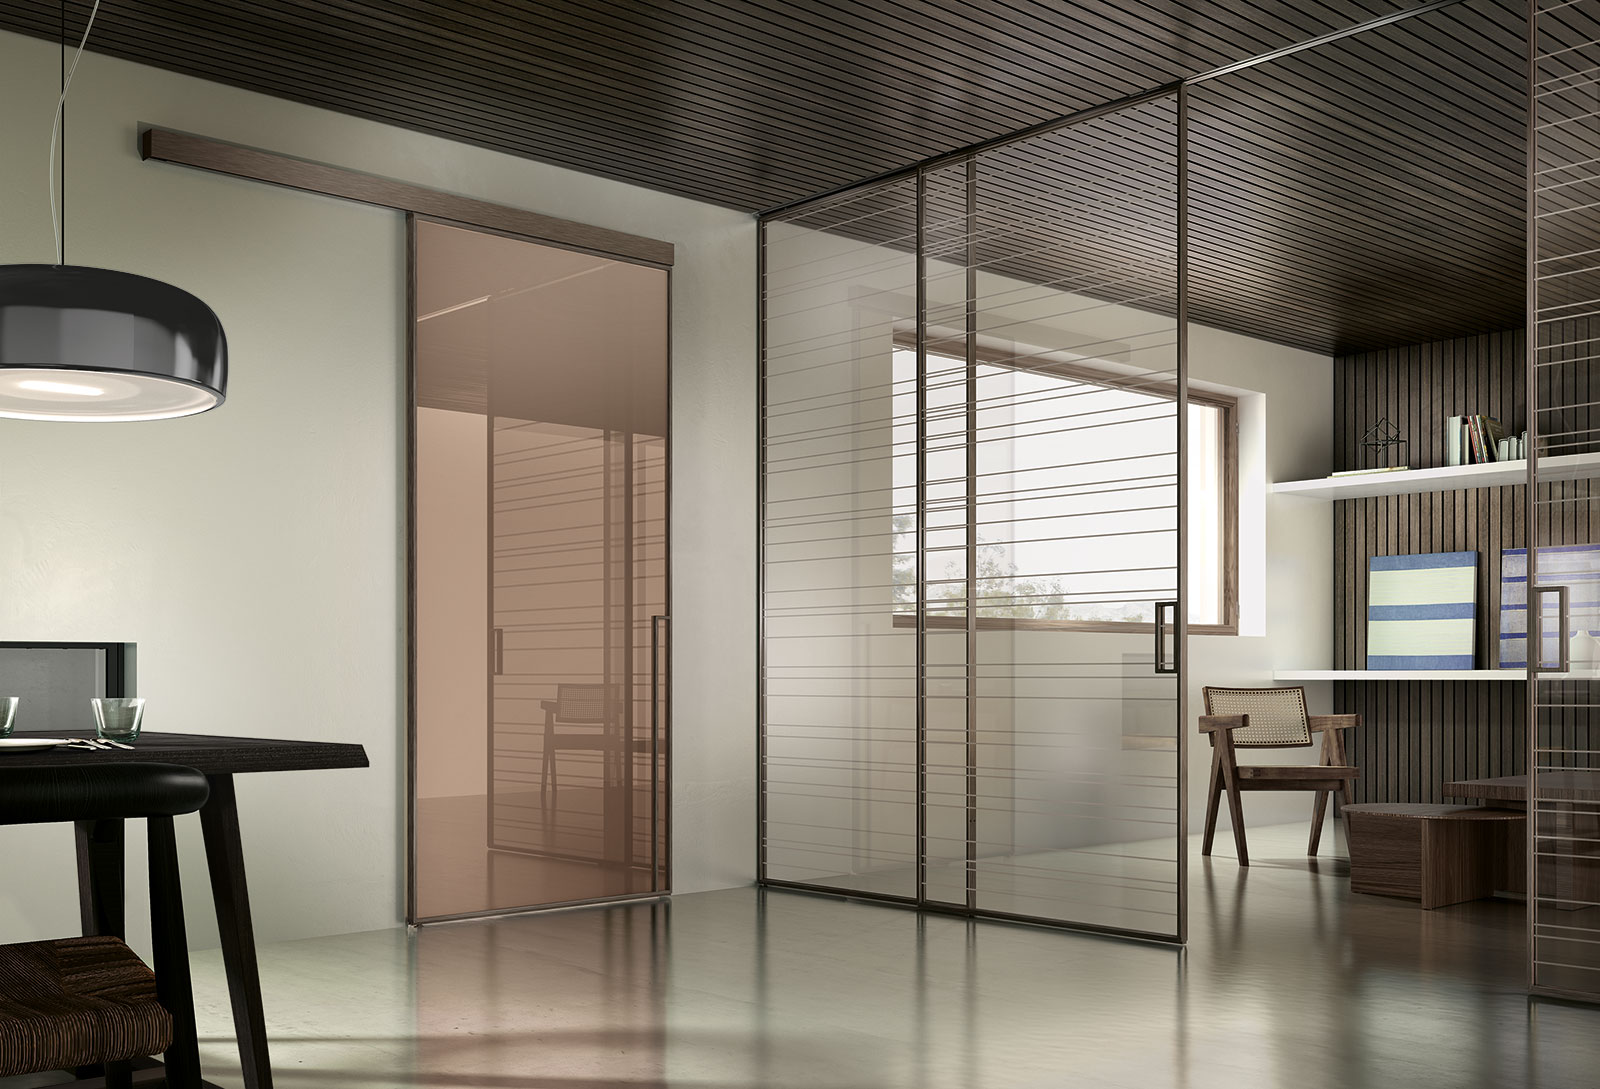 Manhattan porte sistemi henry glass - Porte a scorrimento esterno ...